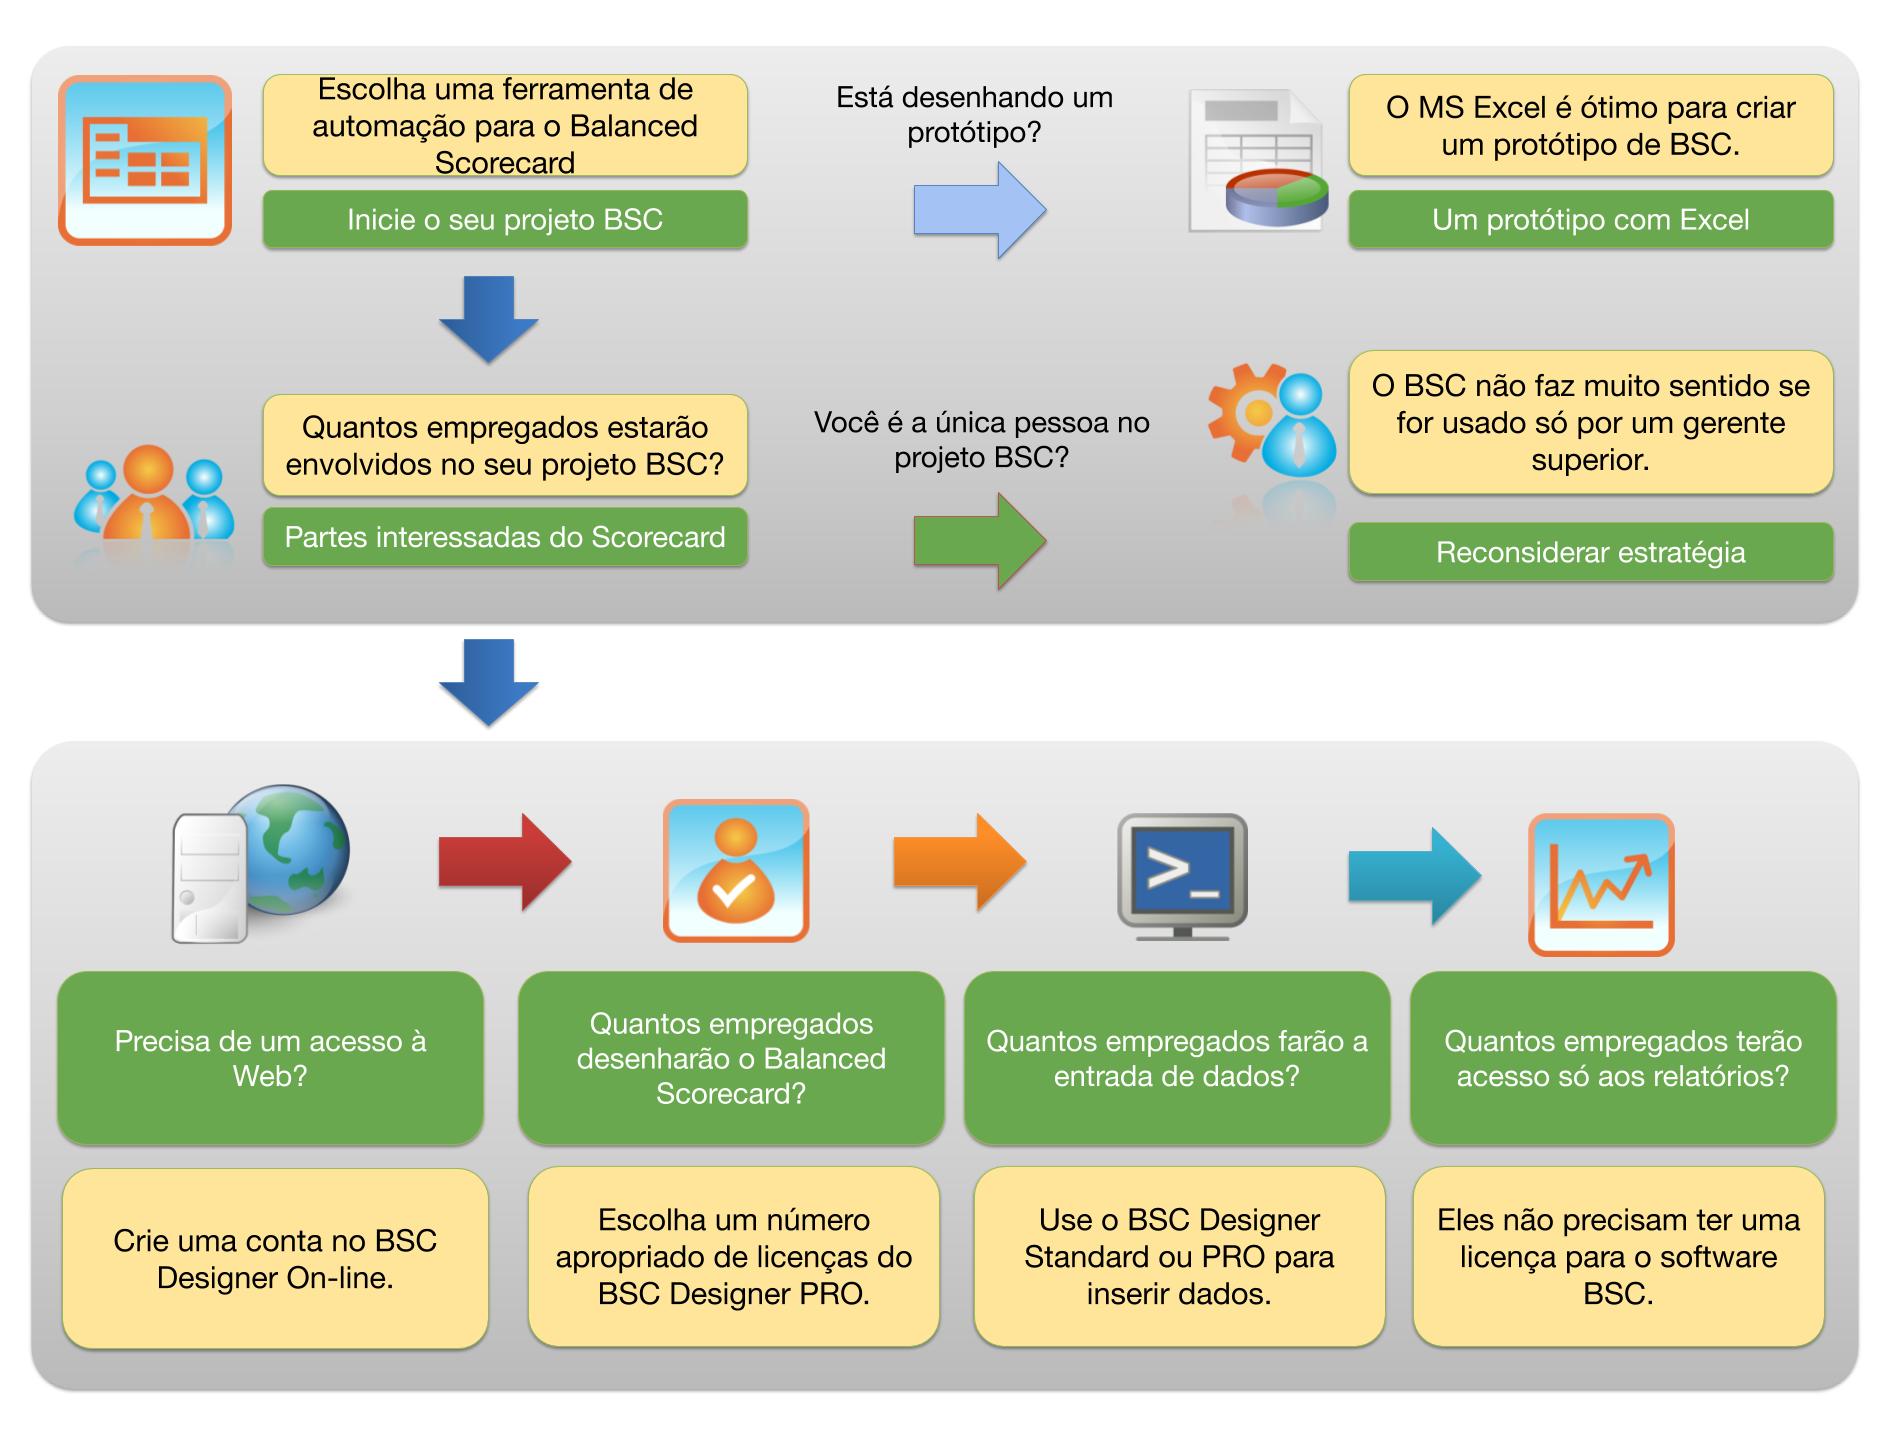 Escolhendo a ferramenta de software para o Balanced Scorecard